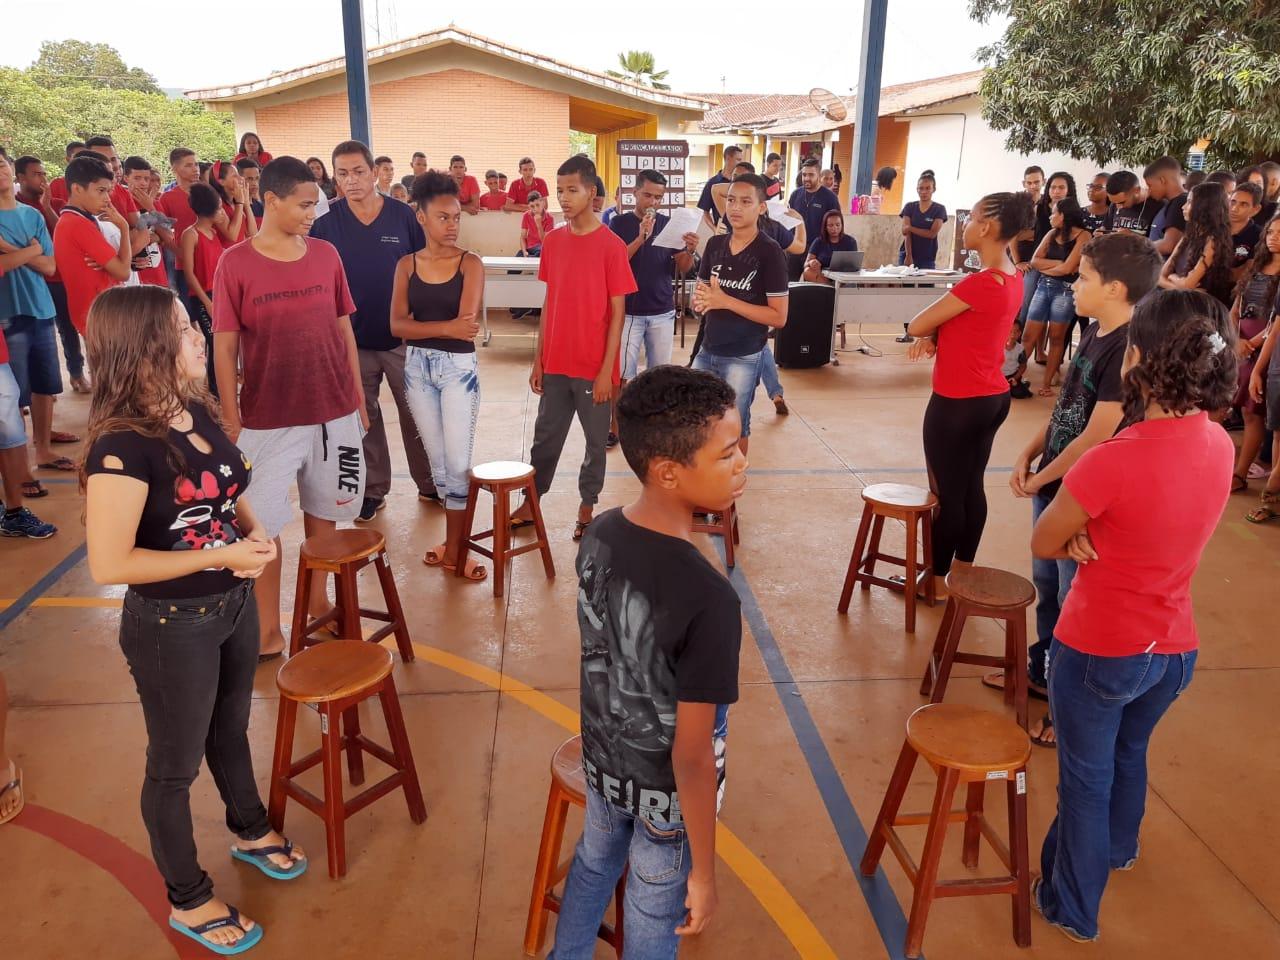 Semana da Educação movimenta projetos de cultura, arte e leitura no Colégio Estadual Ranulfa de Aurora